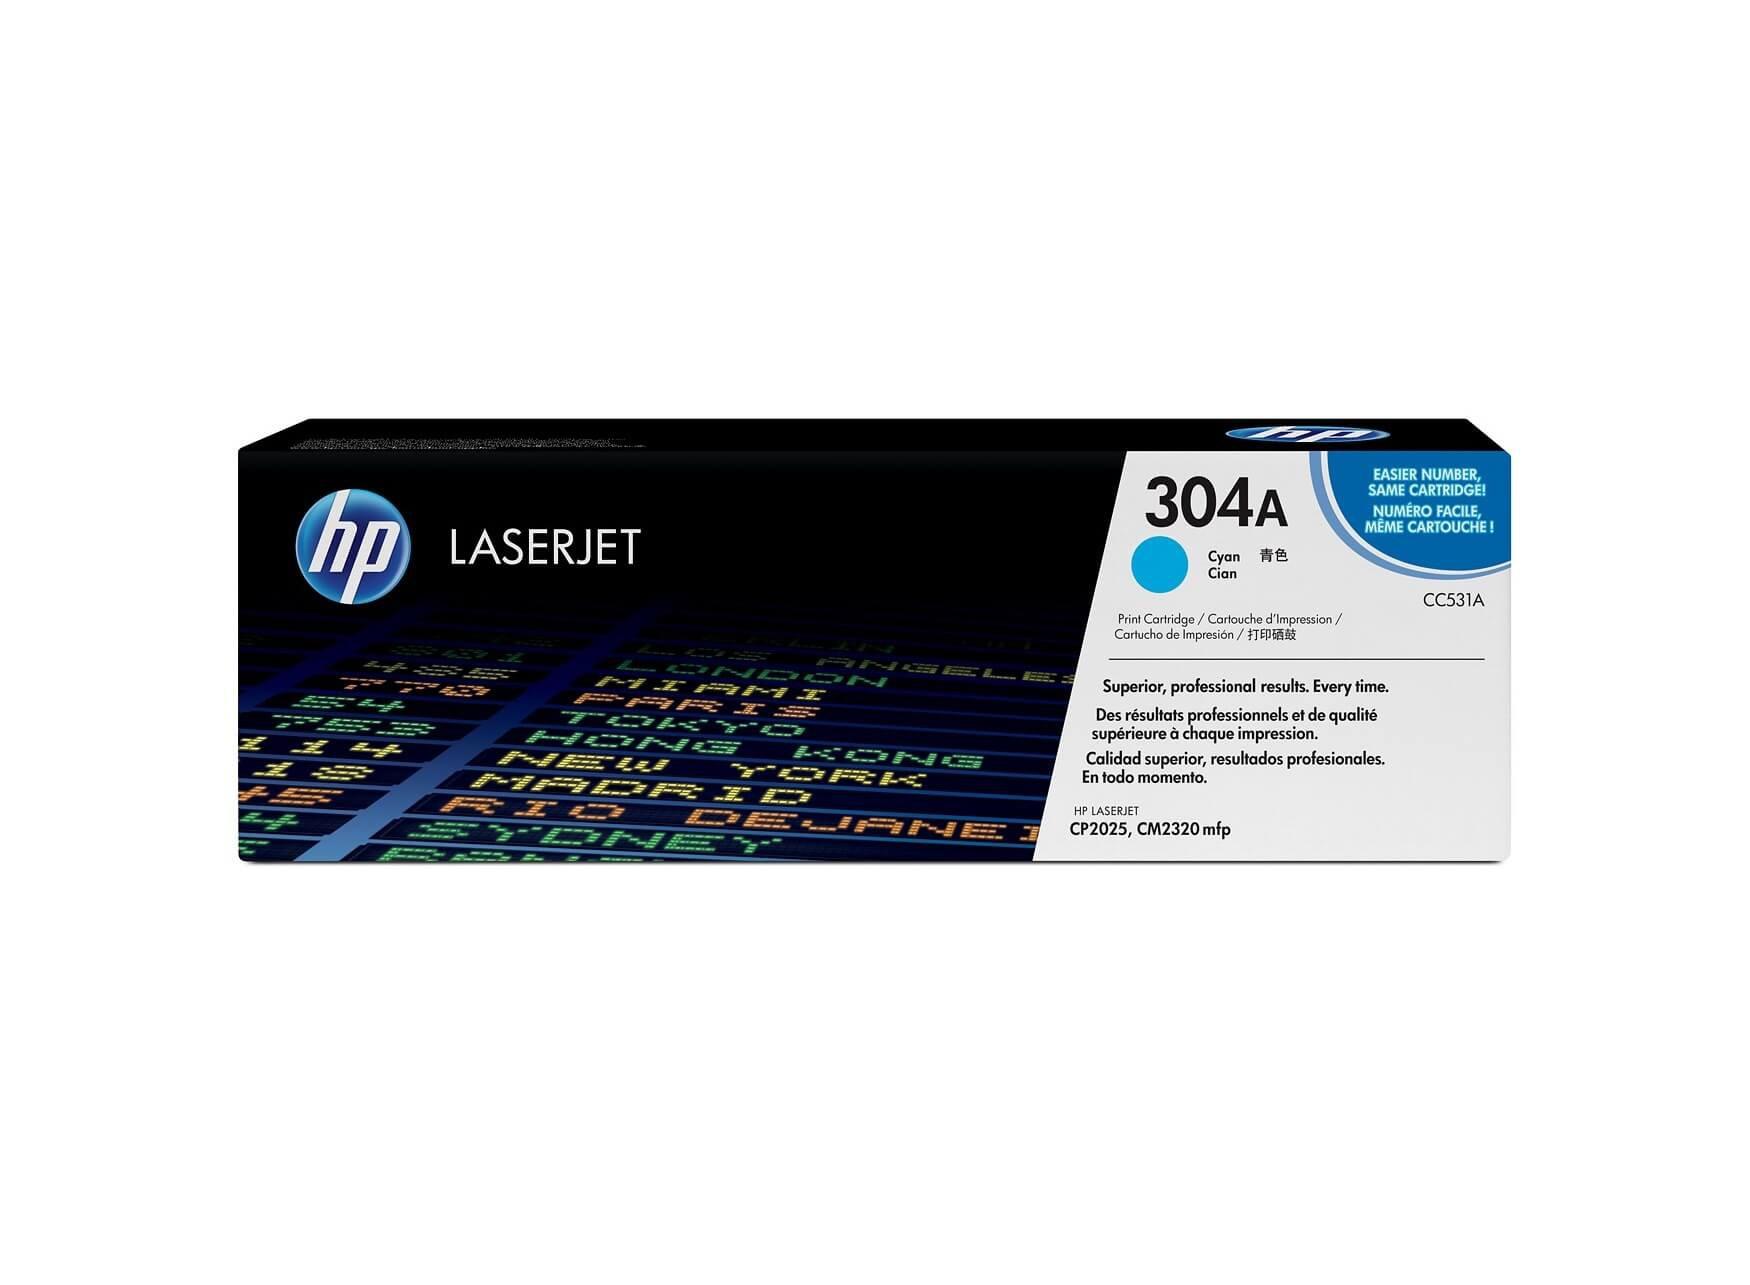 ตลับหมึก โทนเนอร์ HP 304A (CC531A) สีฟ้า